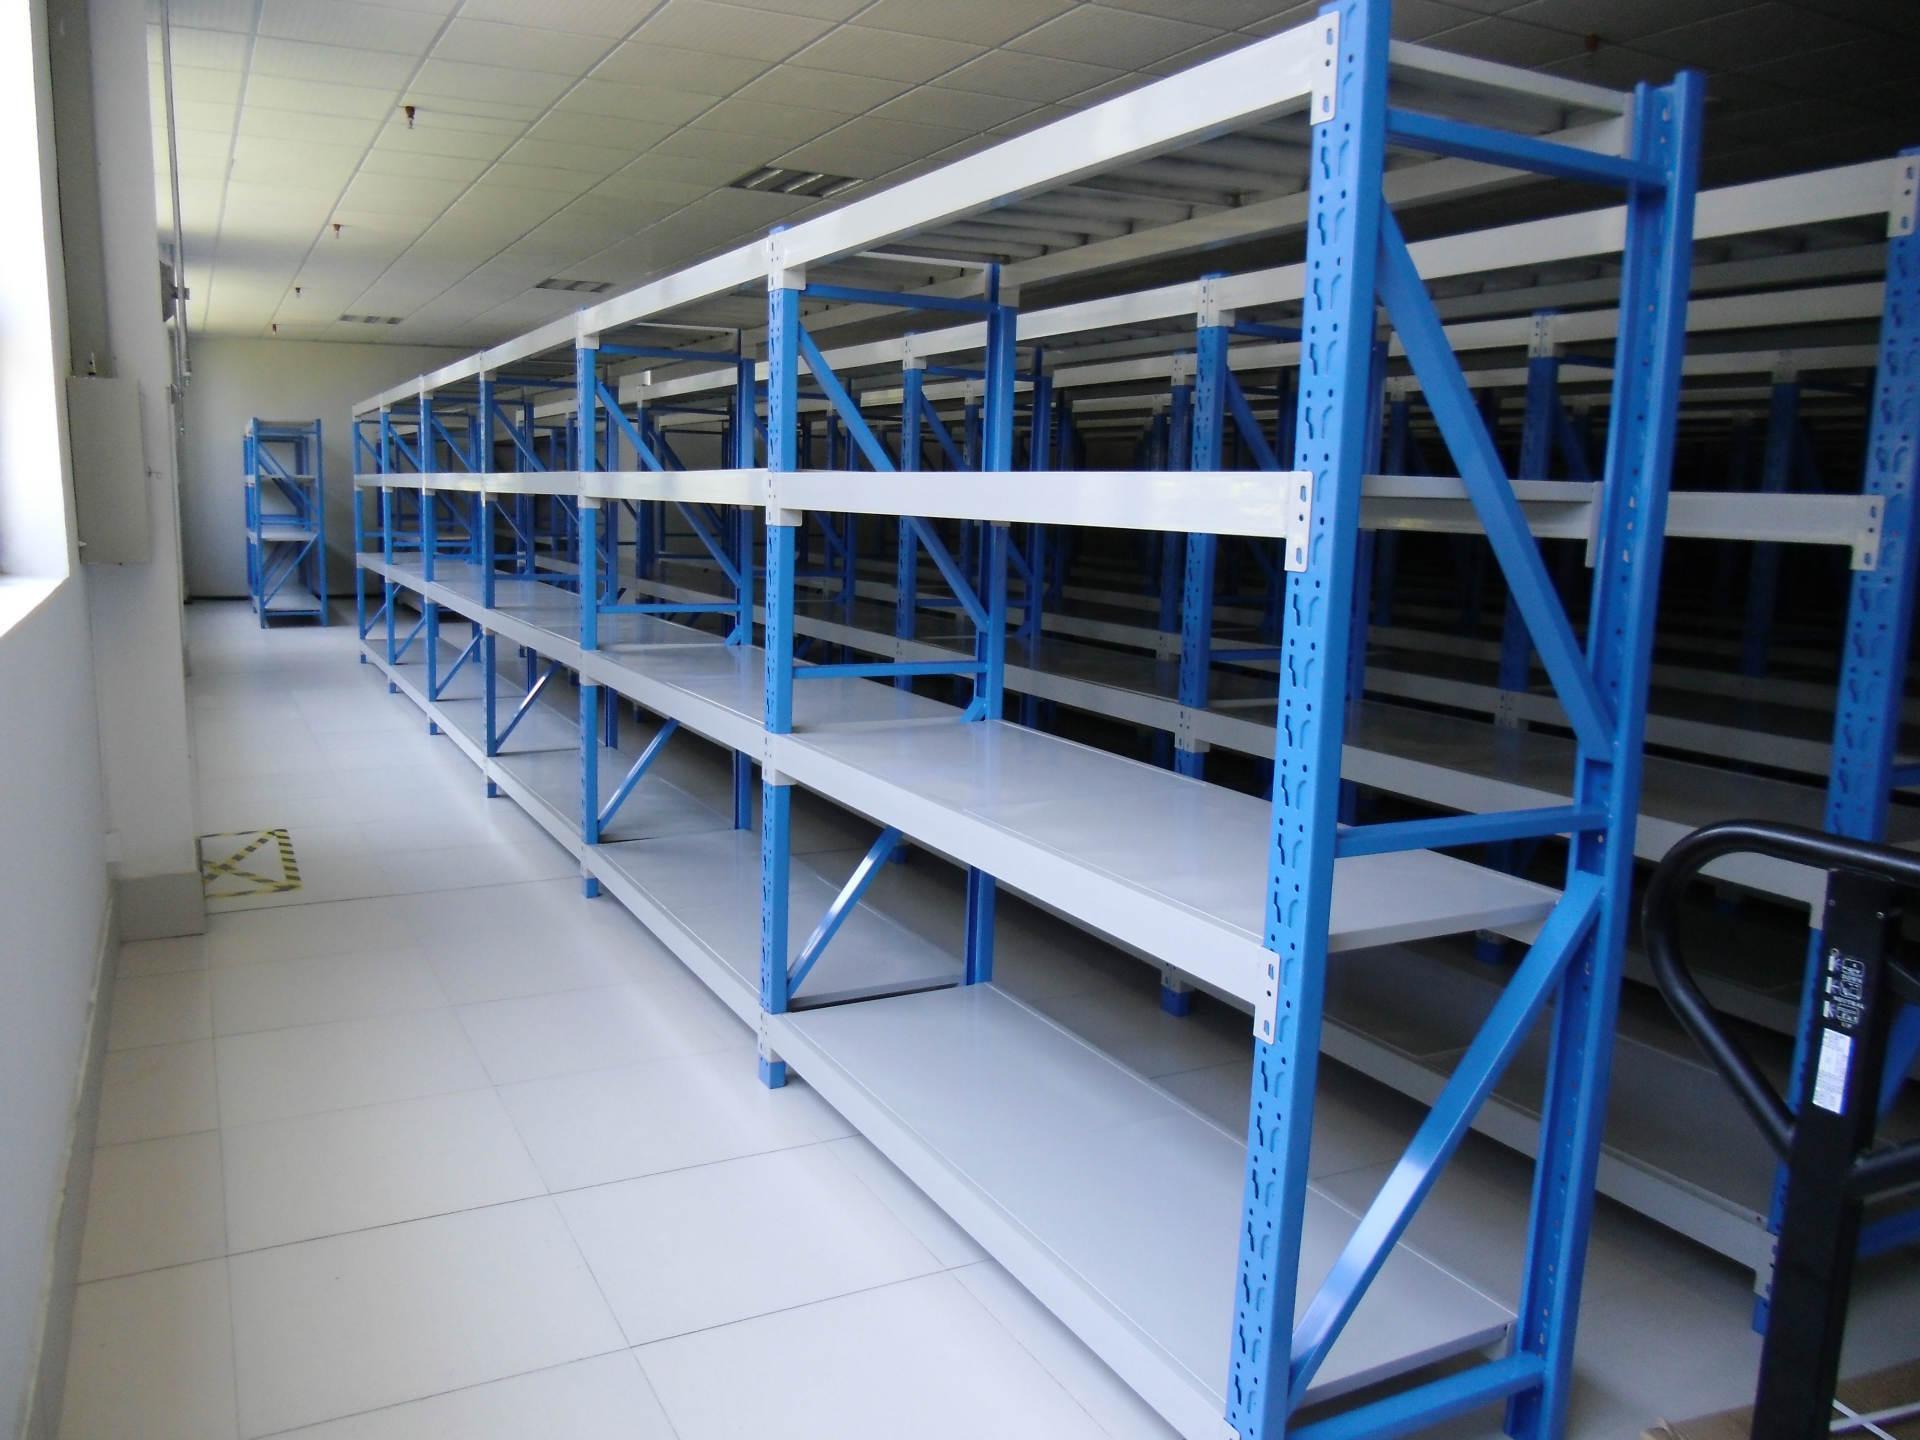 层板组合货架有哪些结构部件,如何安装